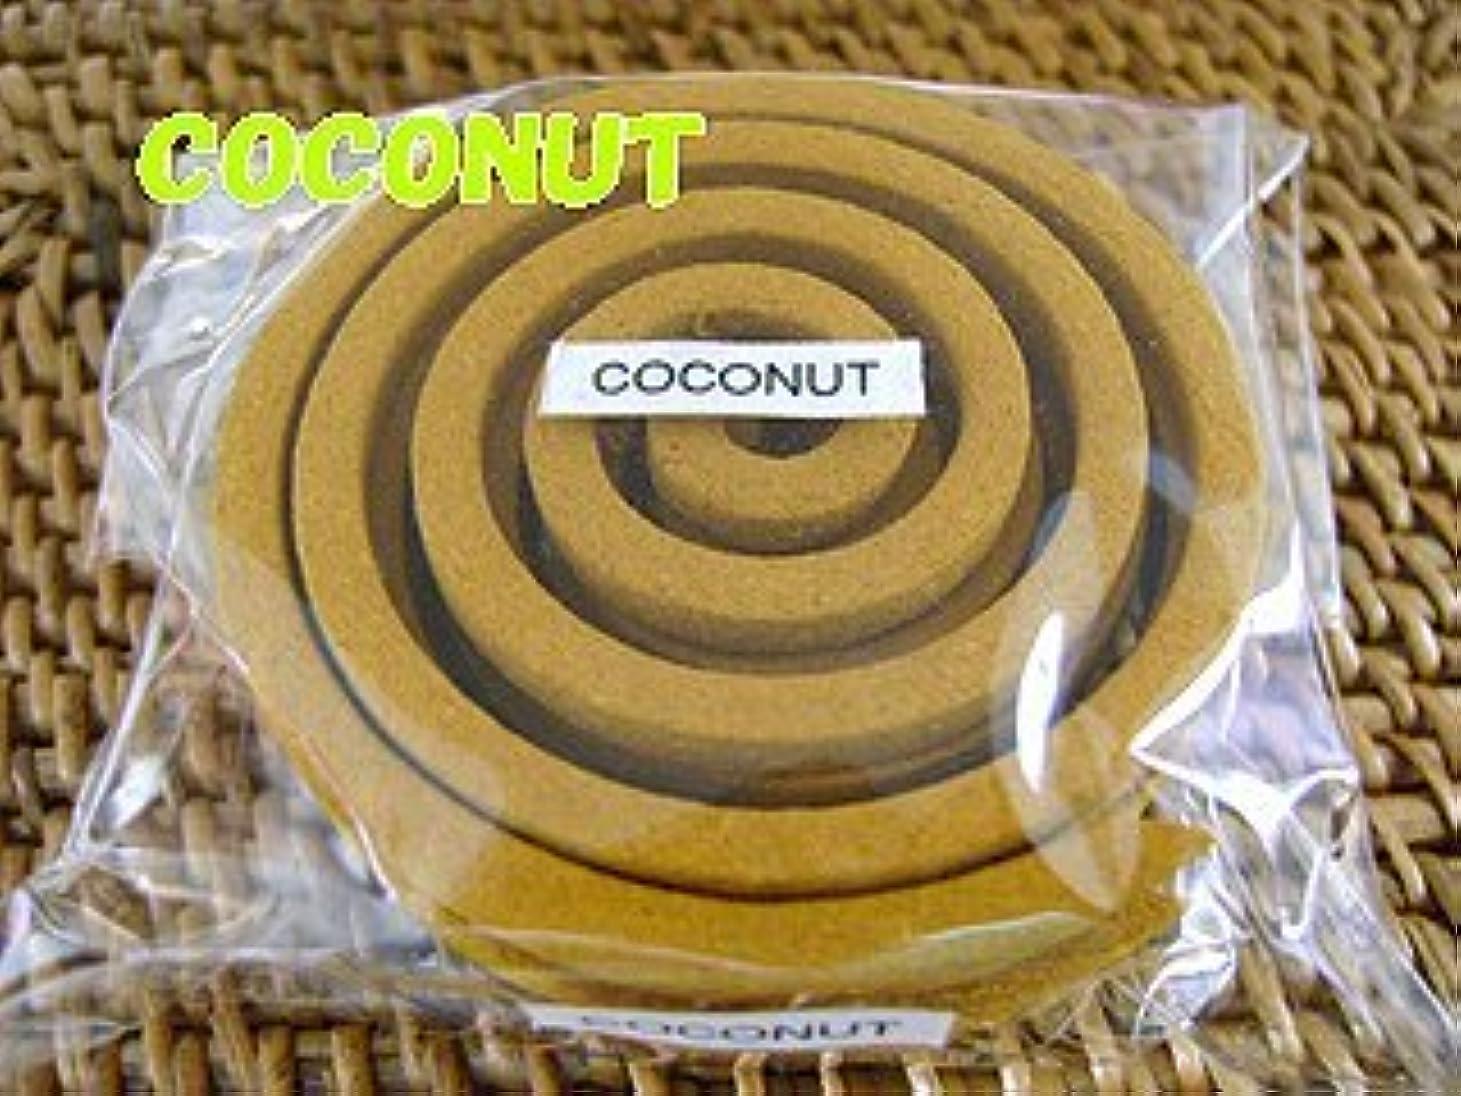 高原ブランド残酷THAI INCENSE タイのうずまき香COILS INCENSE【COCONUT ココナッツ】